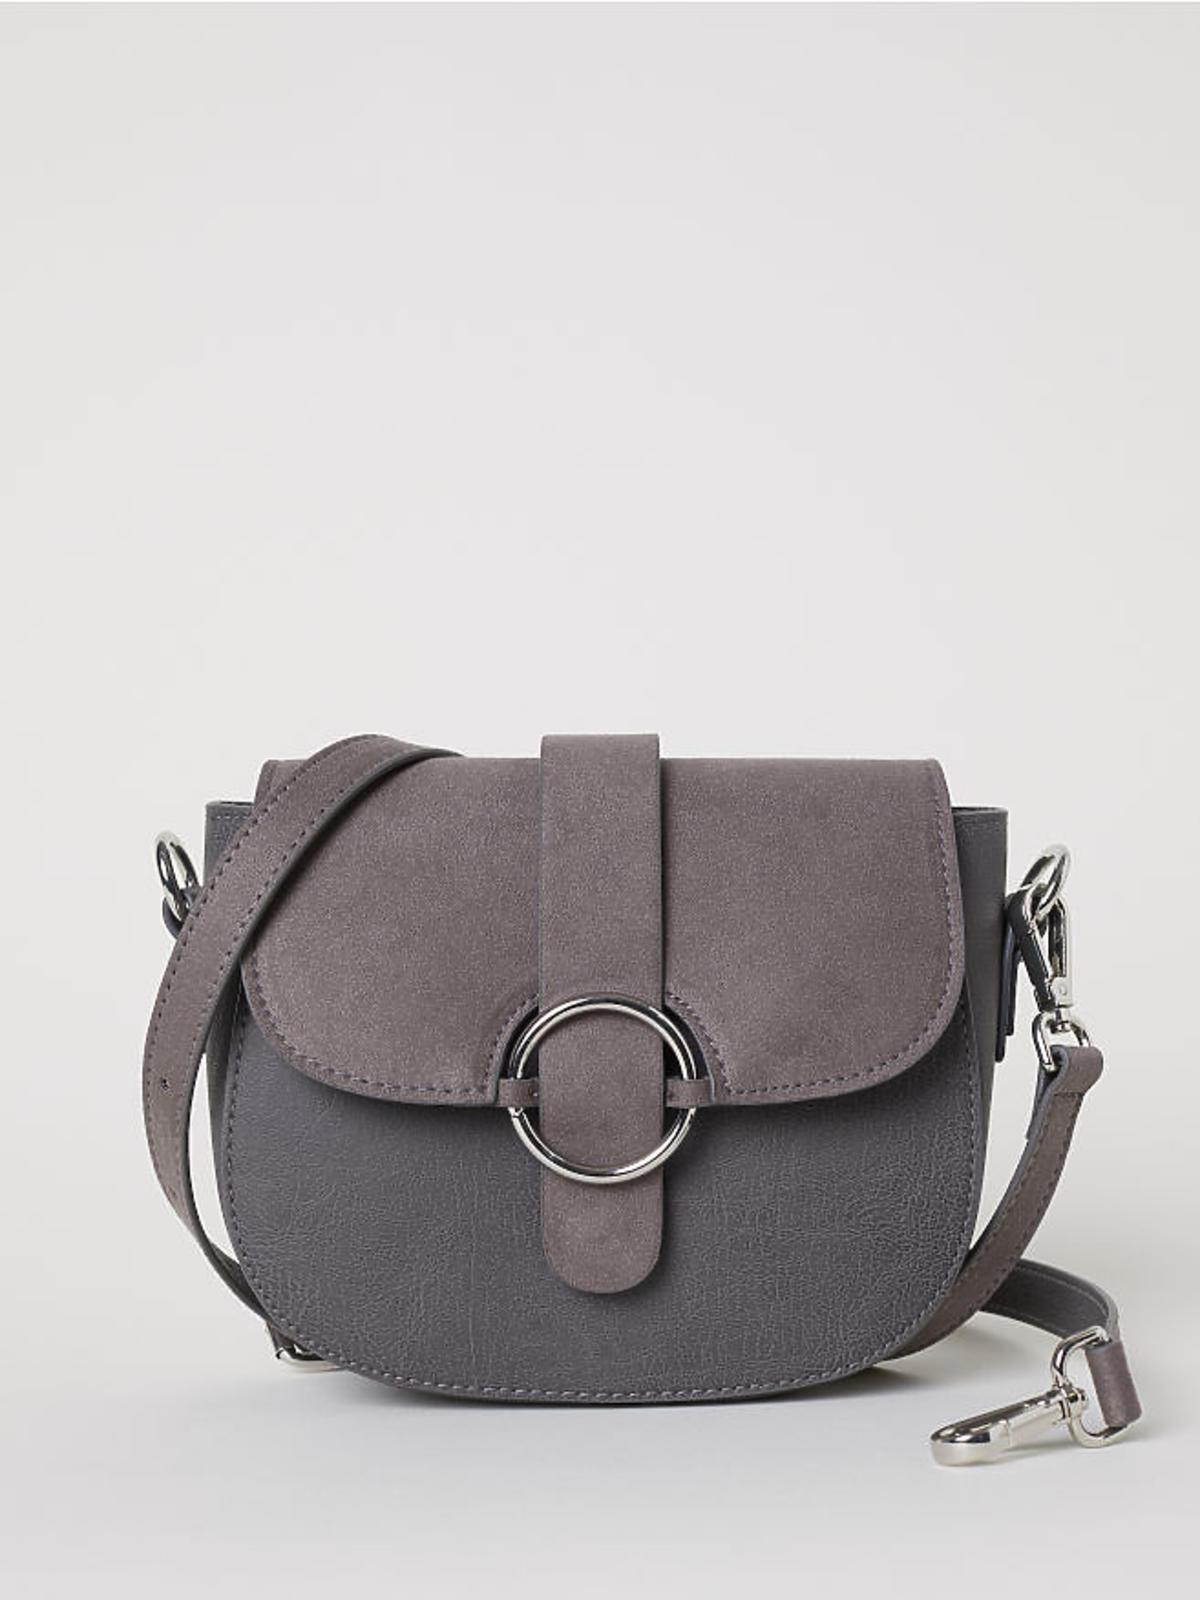 Mała torebka na ramię H&M cena 79,90 zł